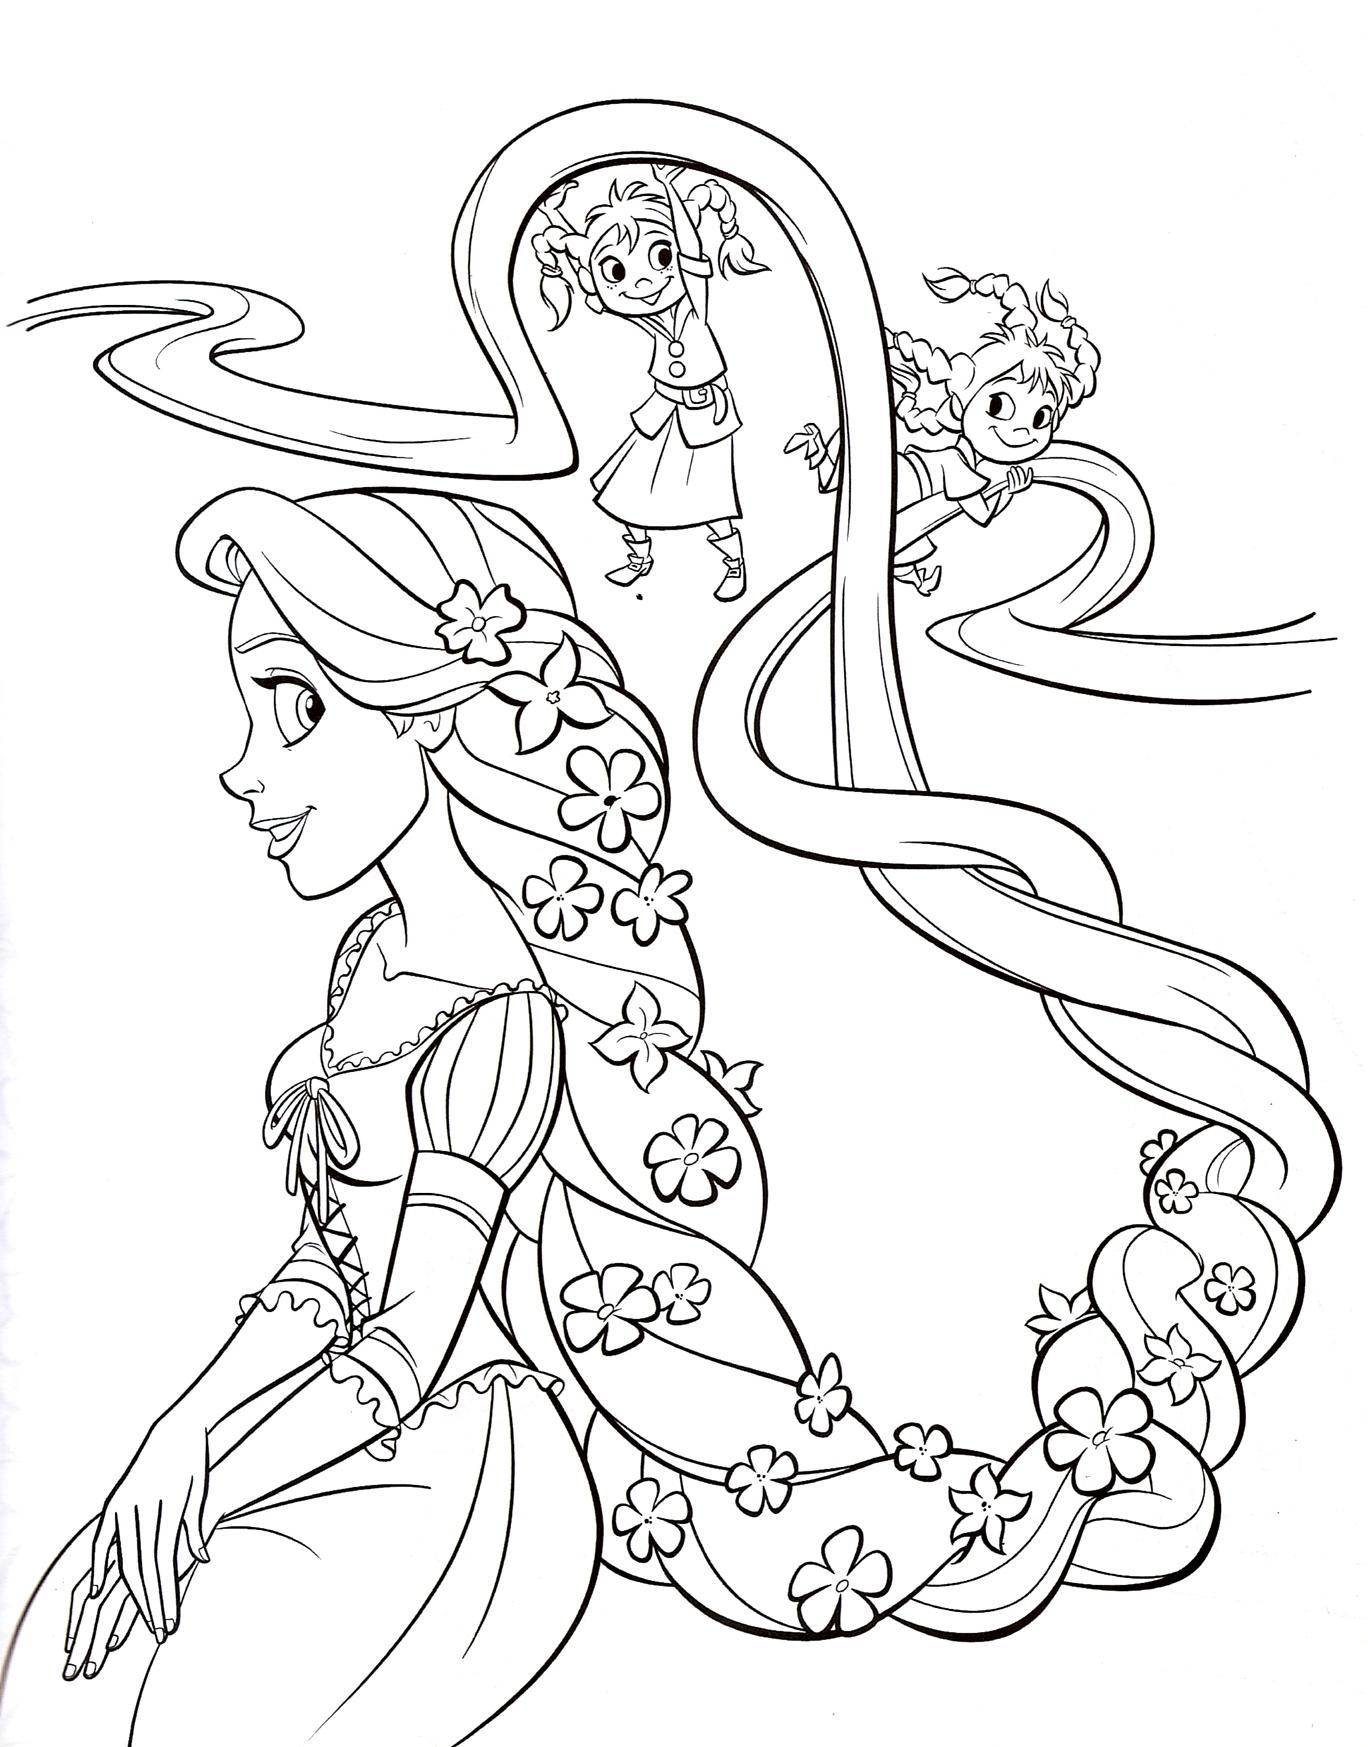 раскраски принцессы дисней распечатать бесплатно принцесса с косой